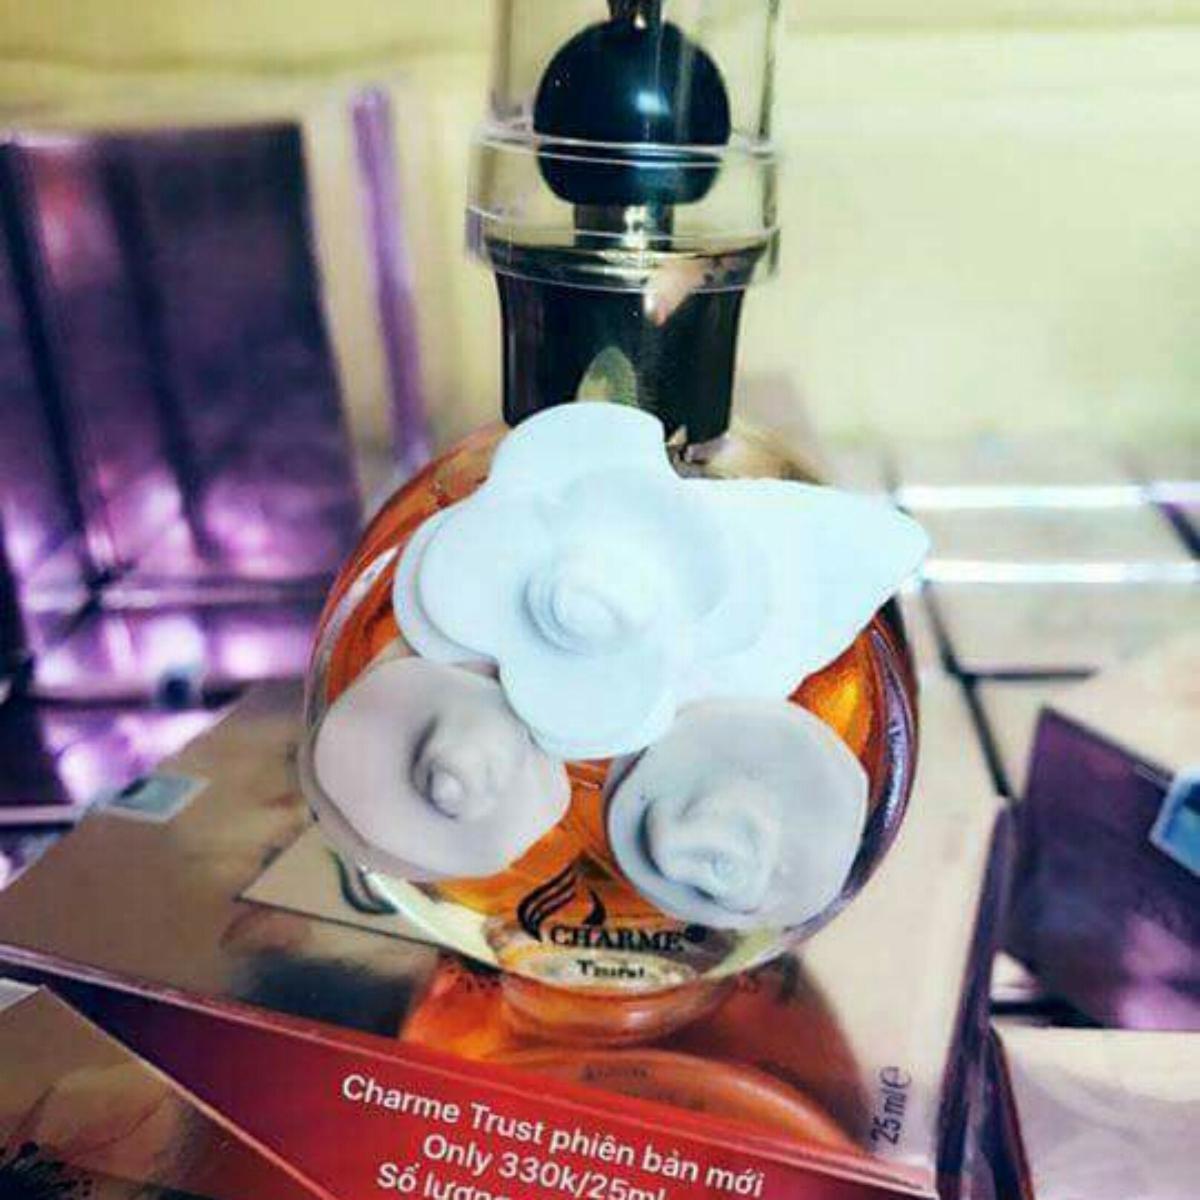 Nước hoa charme Perfume tinh dầu nhập khẩu Pháp đang gây sốt - charme trust